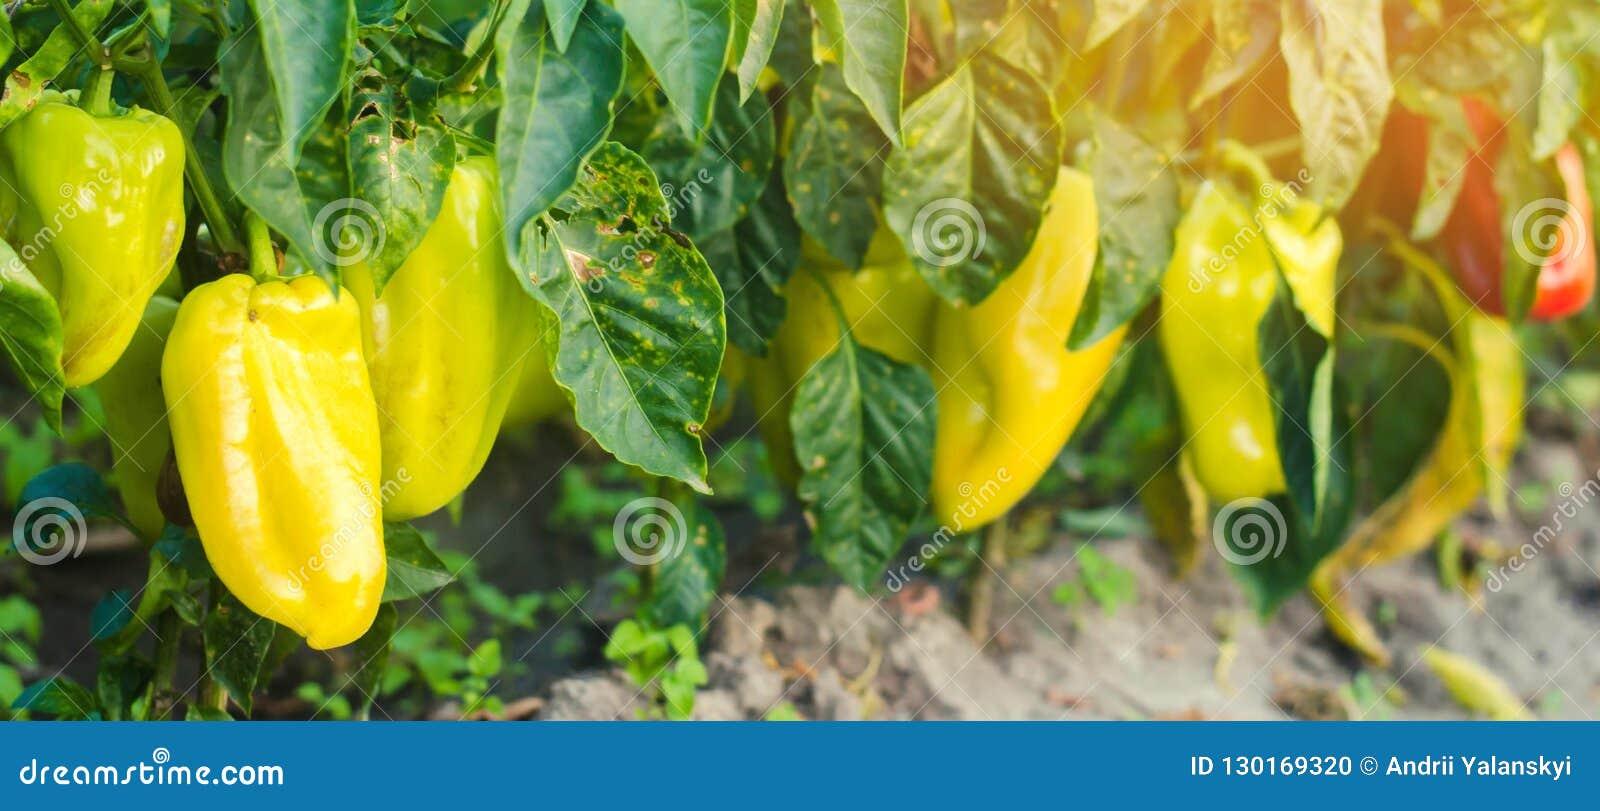 La malattia del pepe è causata dal virus di phytophthora infestans Agricoltura, coltivante, i raccolti malattia delle verdure sul